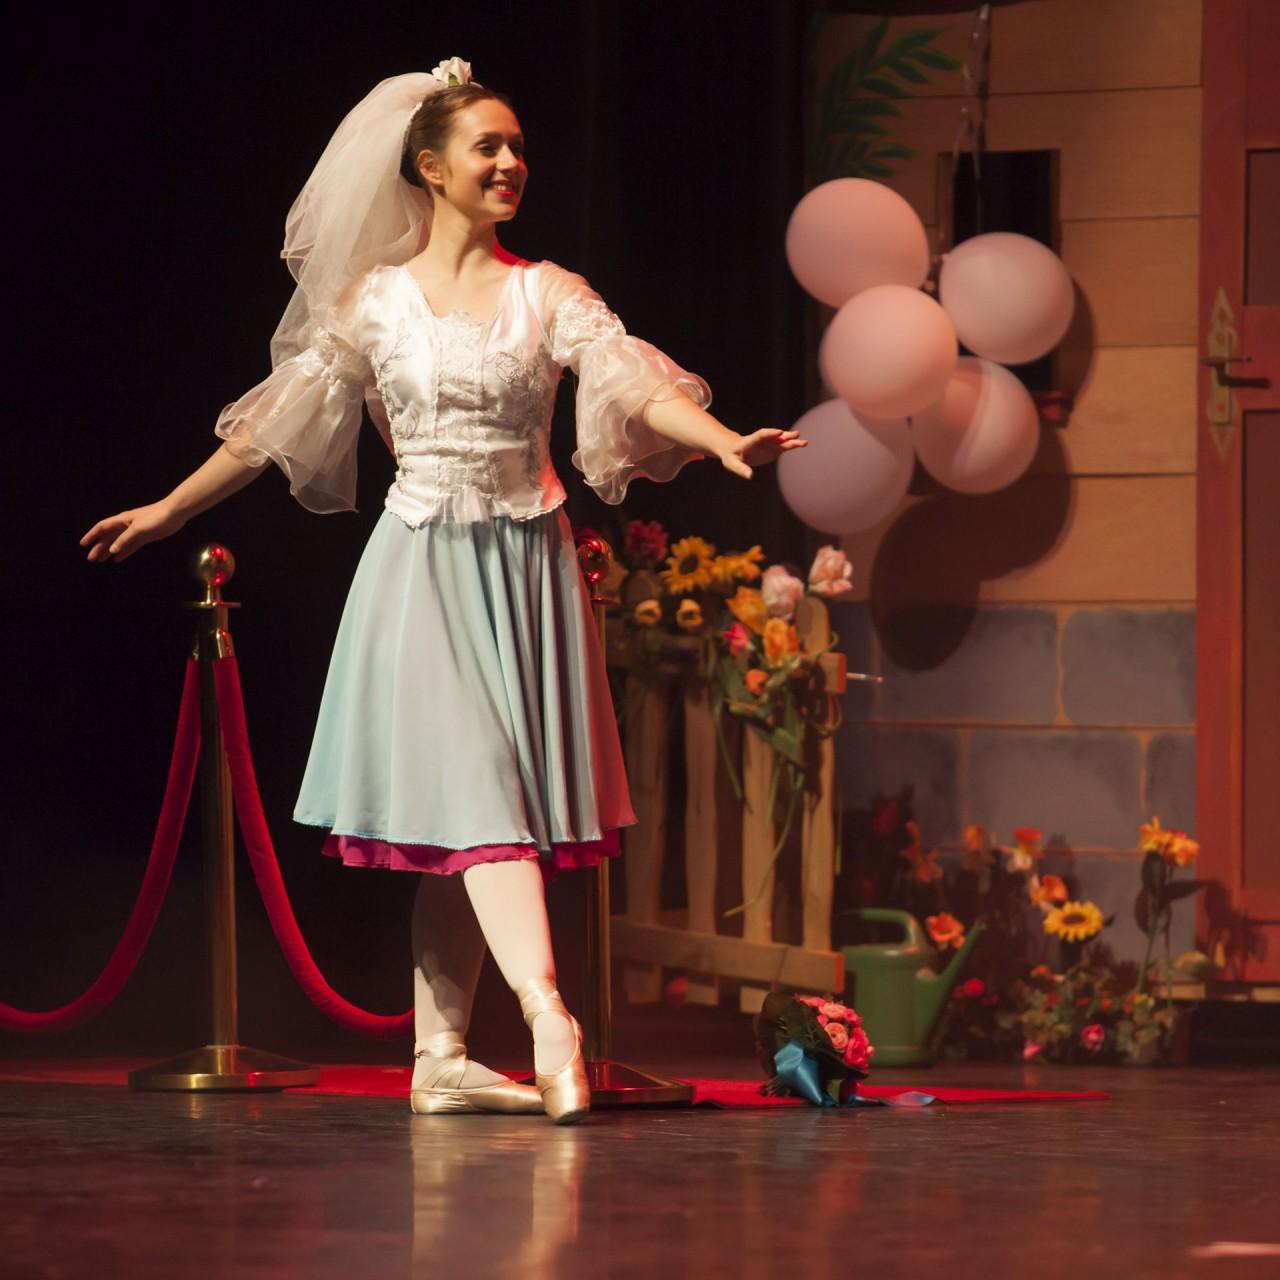 dansen ballet van den Ende (13 van 17)